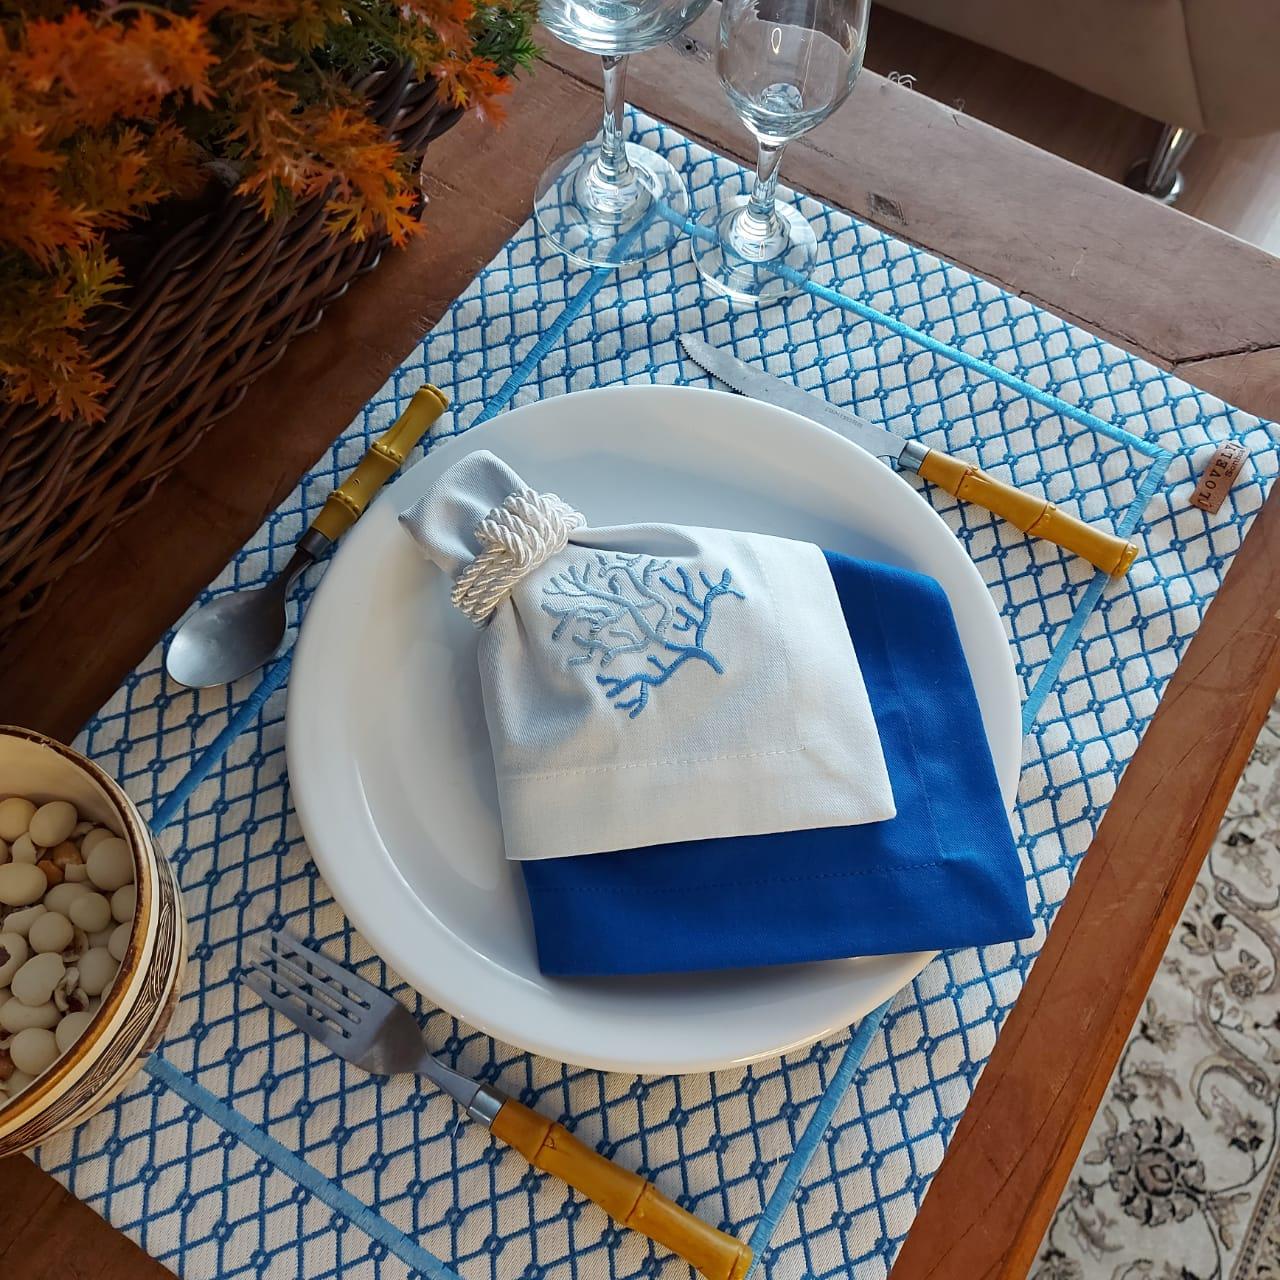 Kit Mesa Posta Completo Tecido Azul Colmeia - Coral (2un)